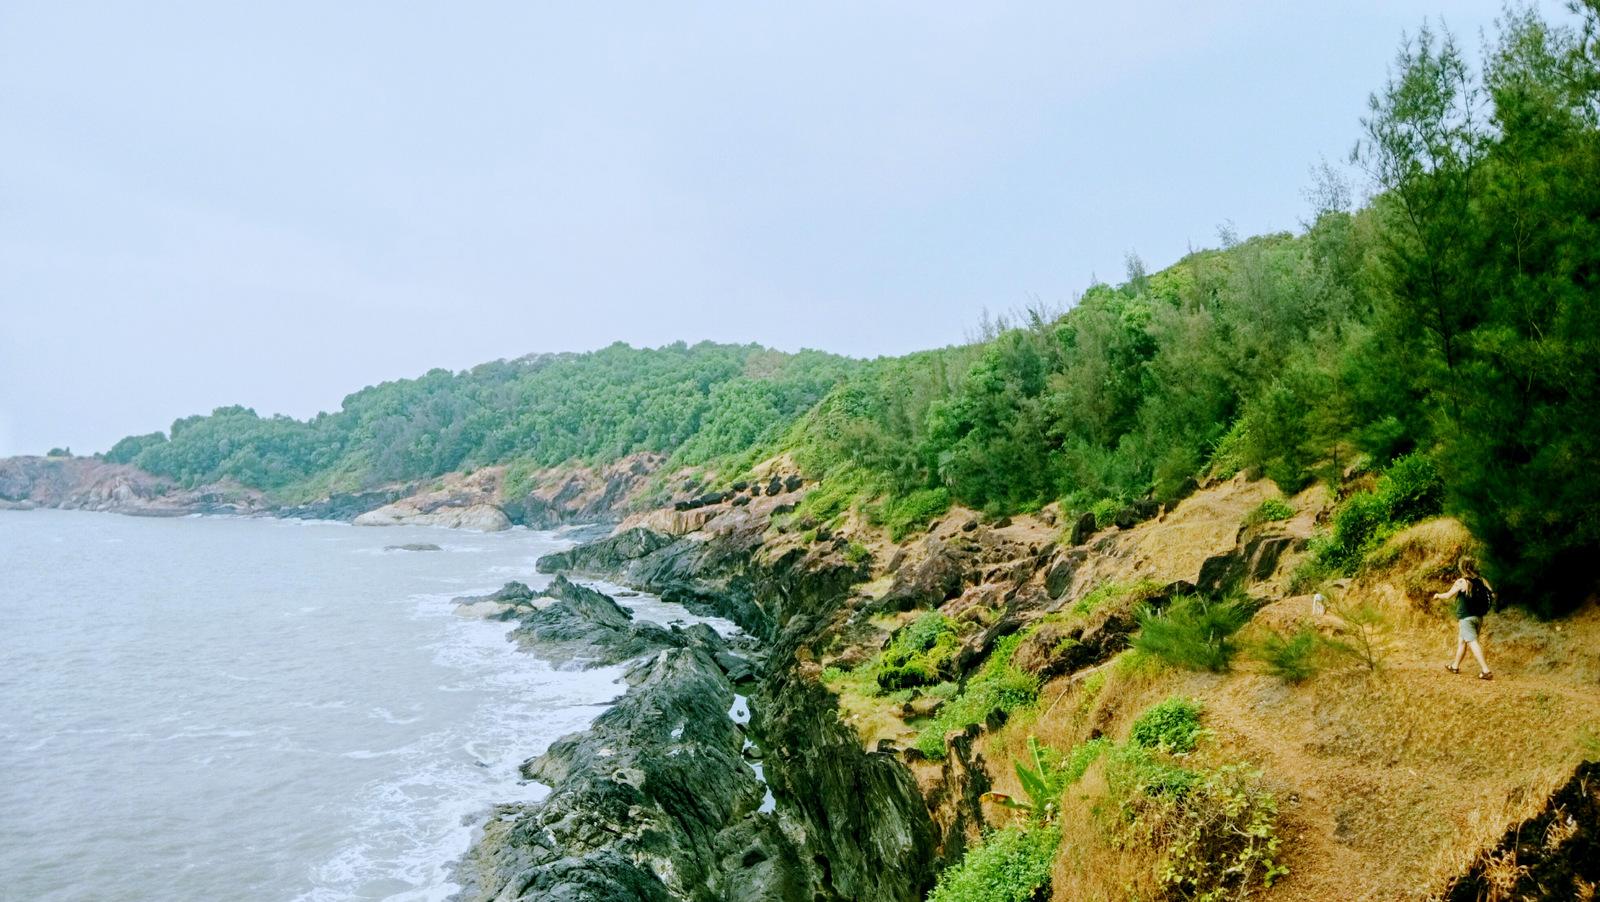 Between Om and Kudle Beaches, Gokarna, Karnataka, India